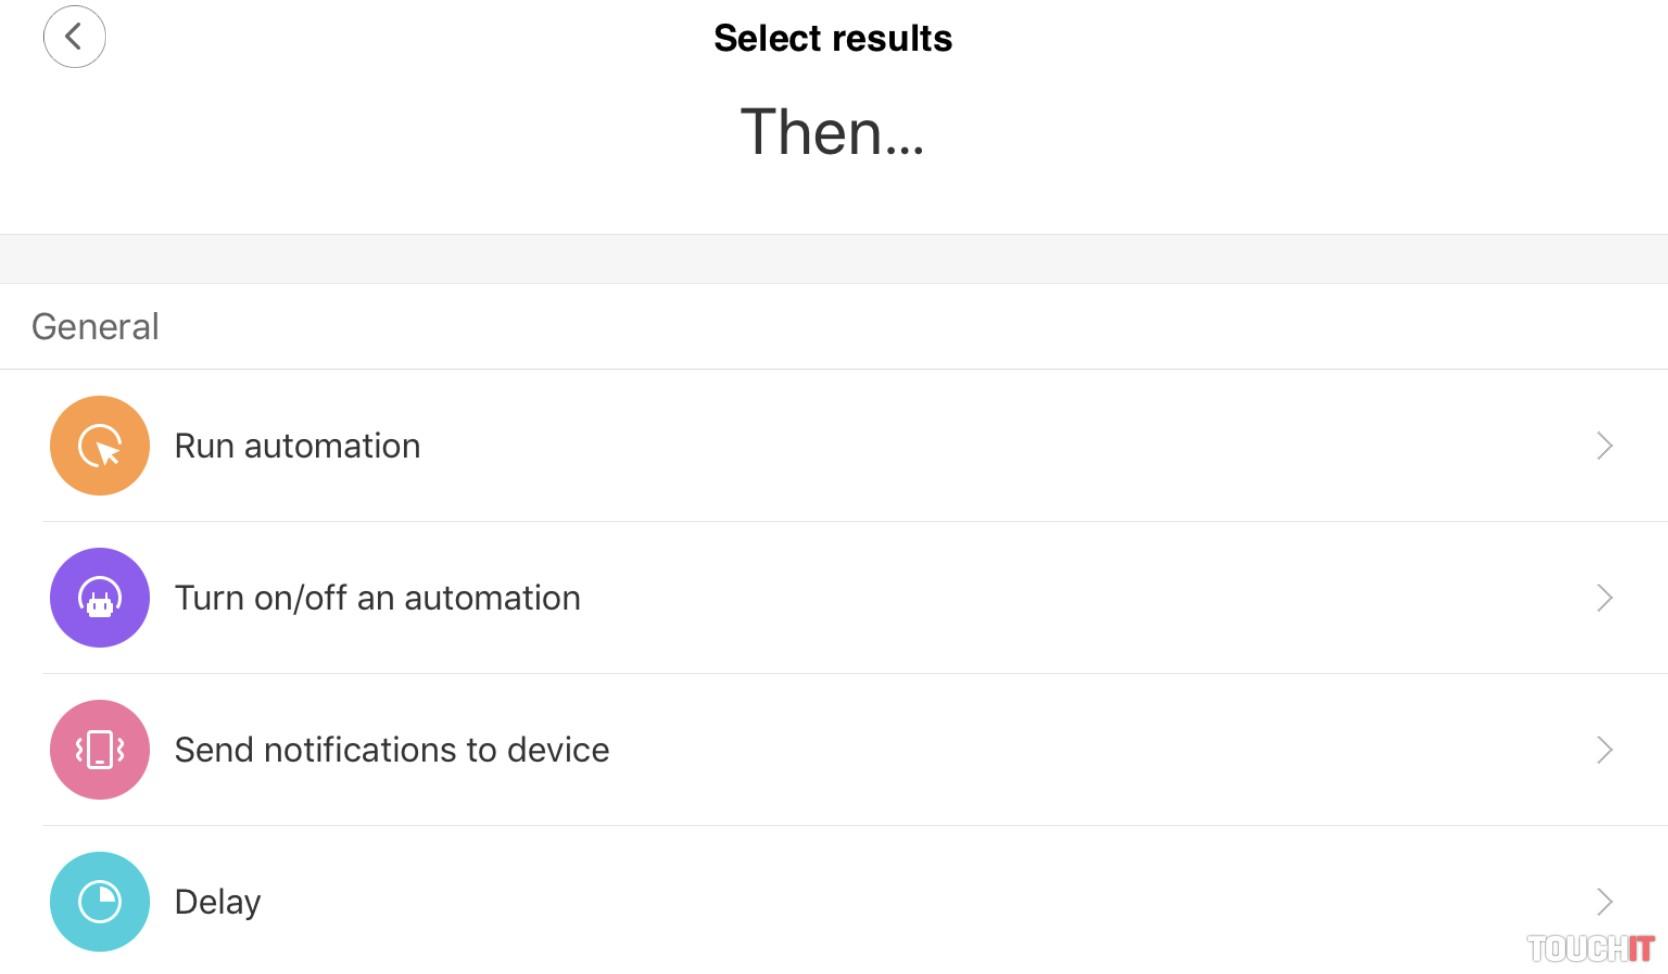 je uhlík datovania presné Yahoo odpovede